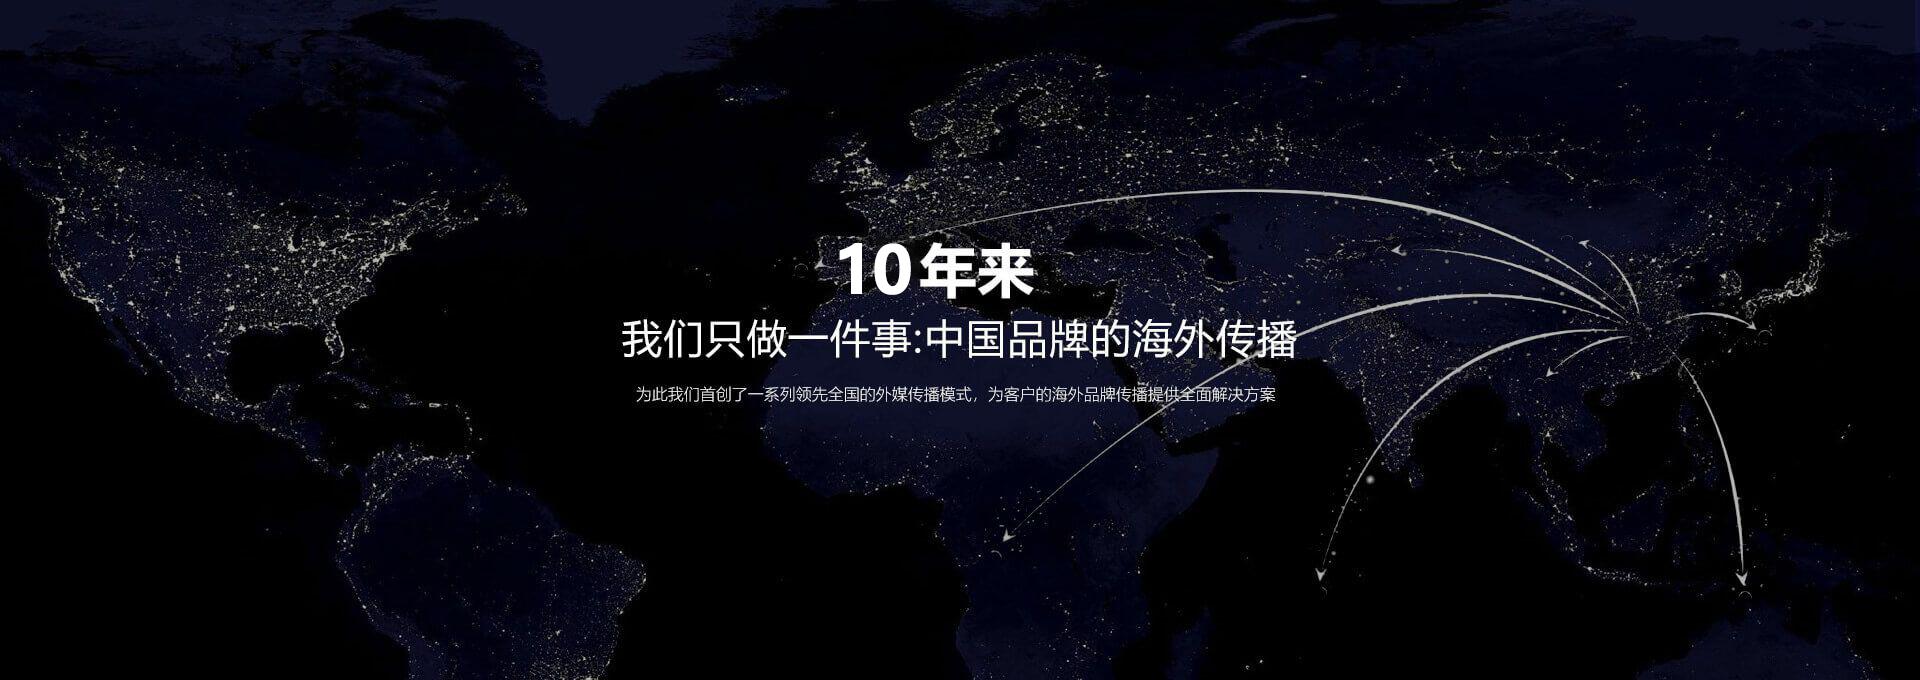 海外推广集团官网